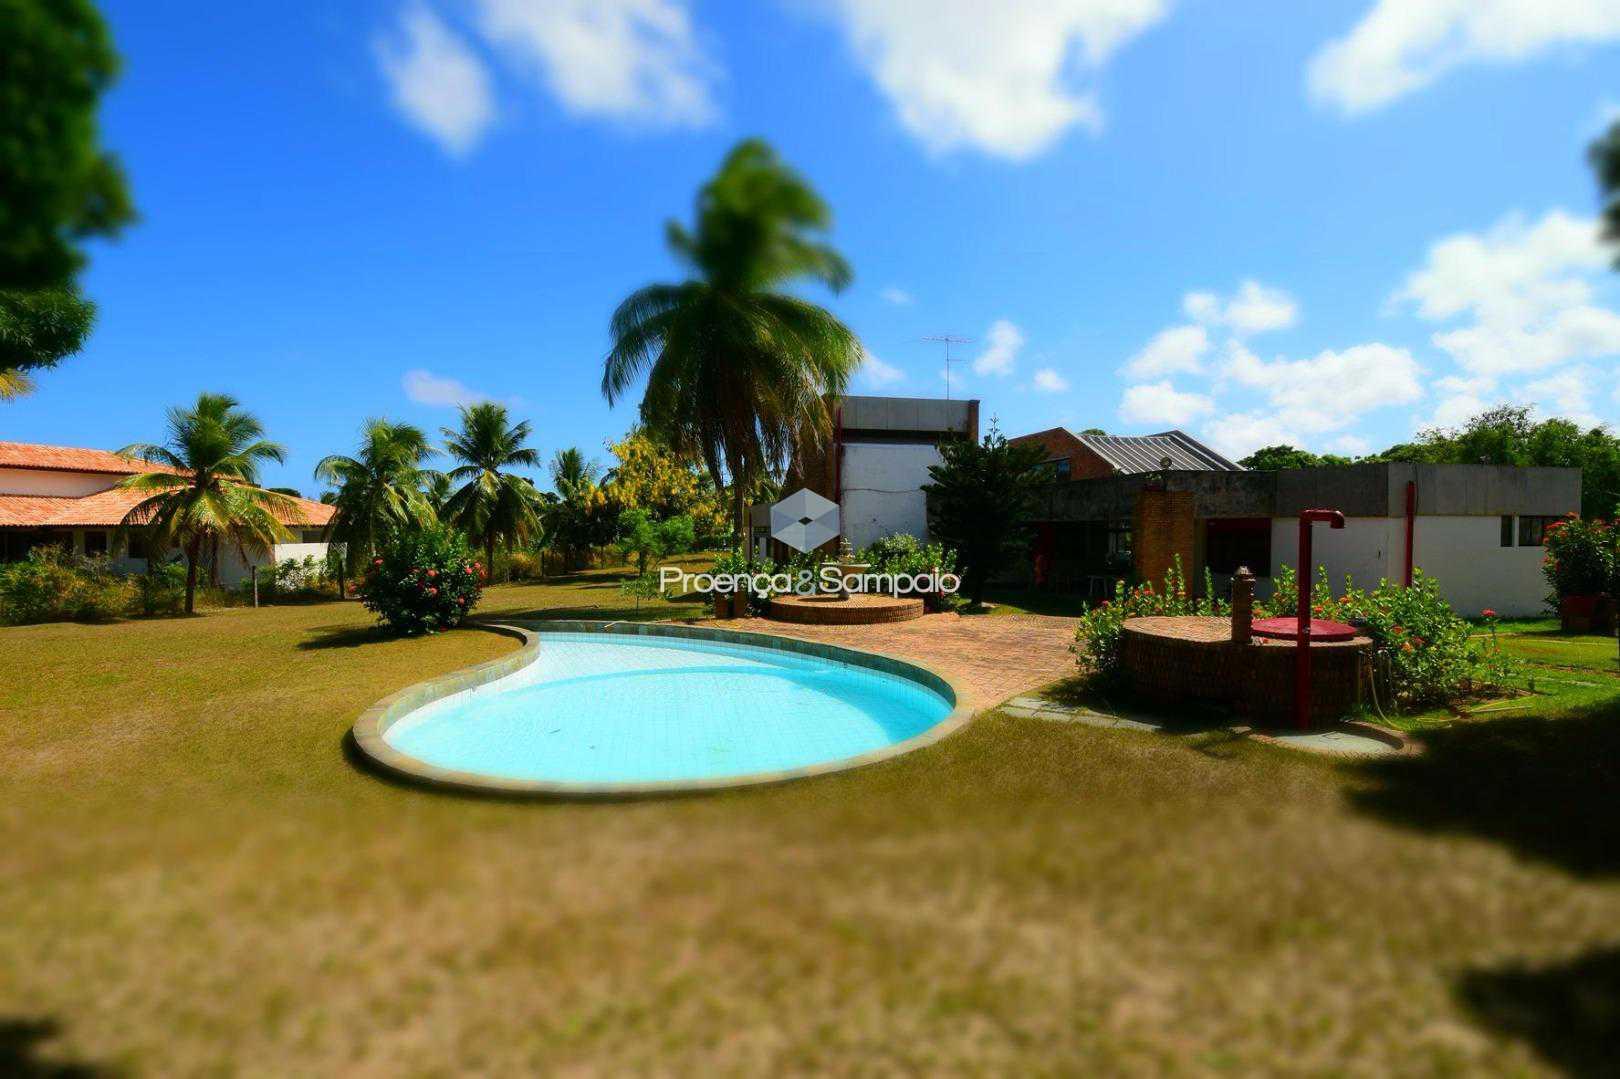 FOTO2 - Casa em Condomínio 4 quartos à venda Lauro de Freitas,BA - R$ 1.700.000 - PSCN40016 - 4